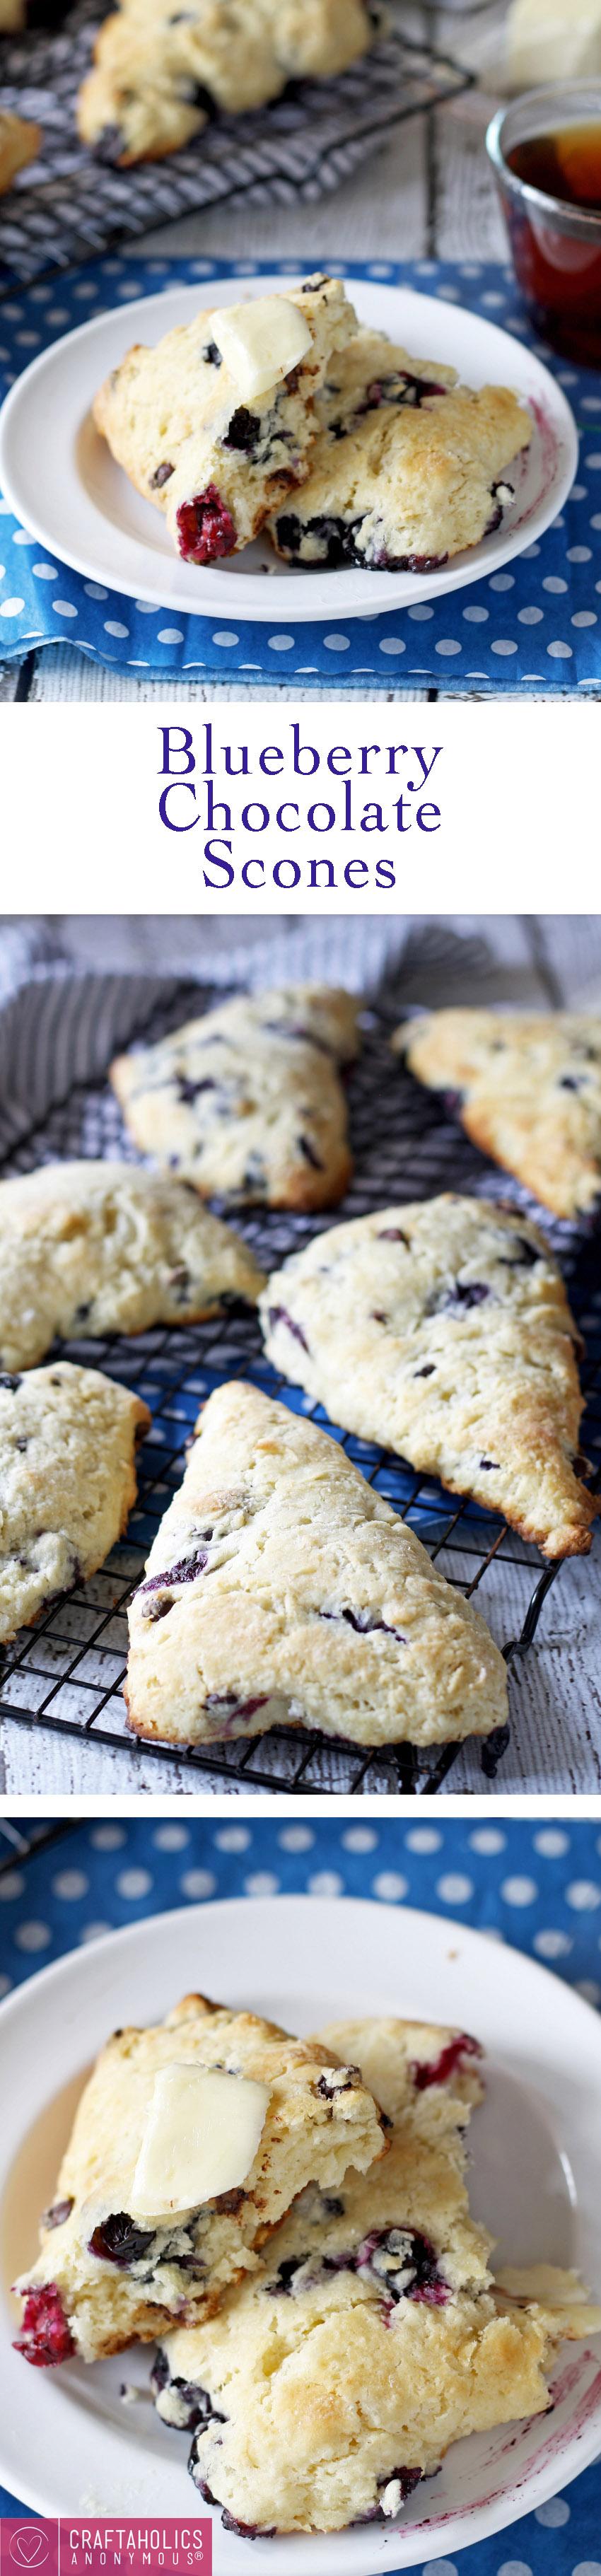 Blueberry Chocolate Scones